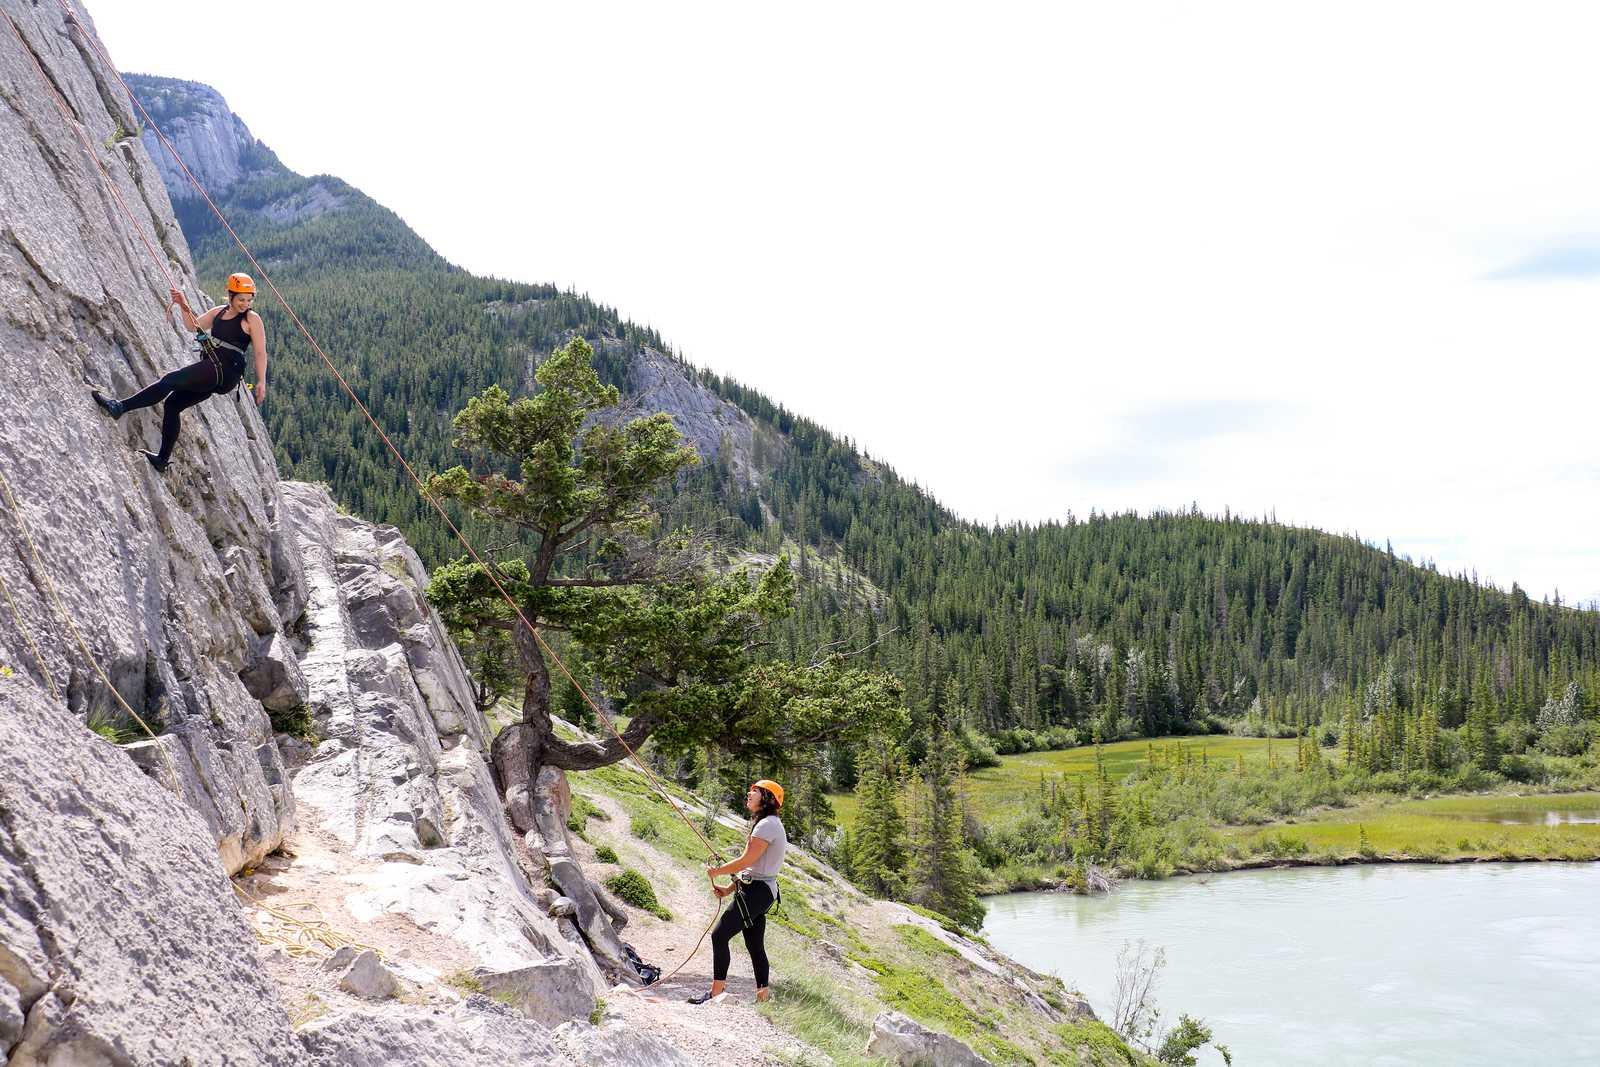 Klettern im Jasper National Park